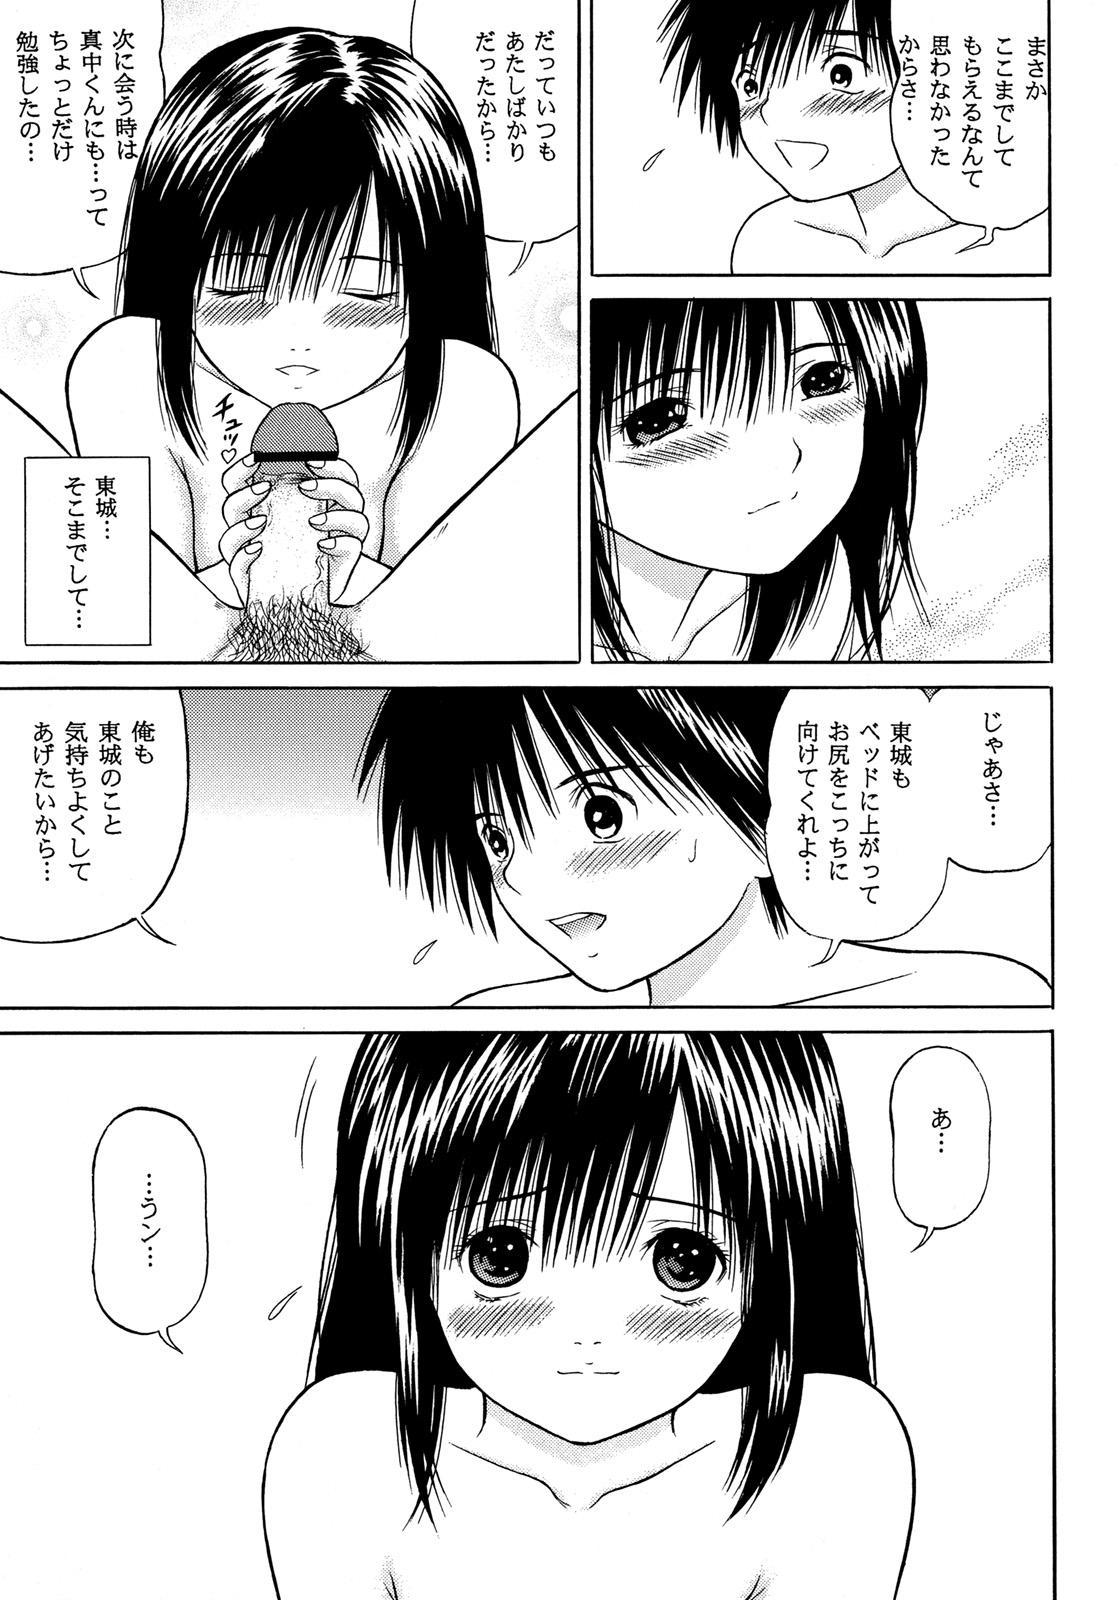 Ichigo ∞% VOL4 - Step by Step 17